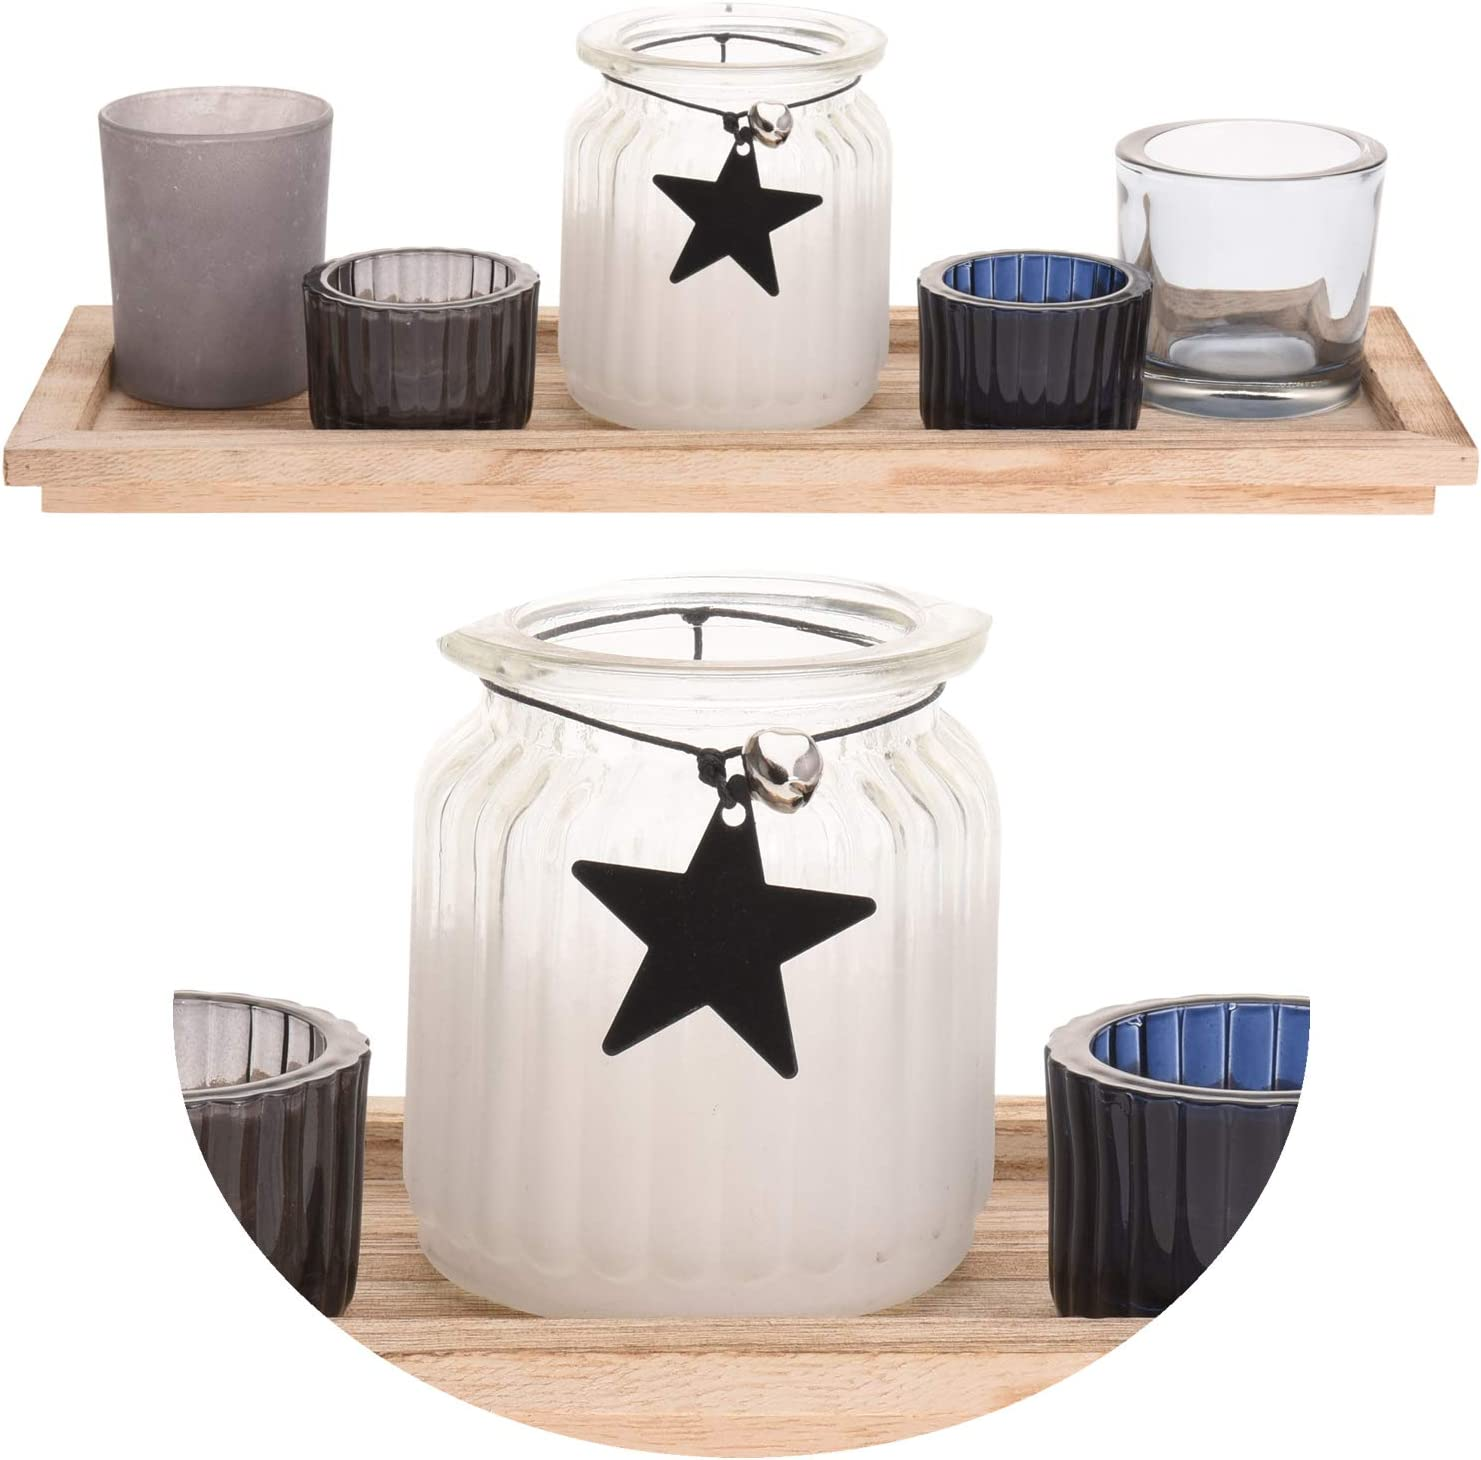 LS-LebenStil Holz Teelichthalter Stern 33cm Set Tablett Glas Windlicht Teelicht Kerzentablett 5 Gl/äser